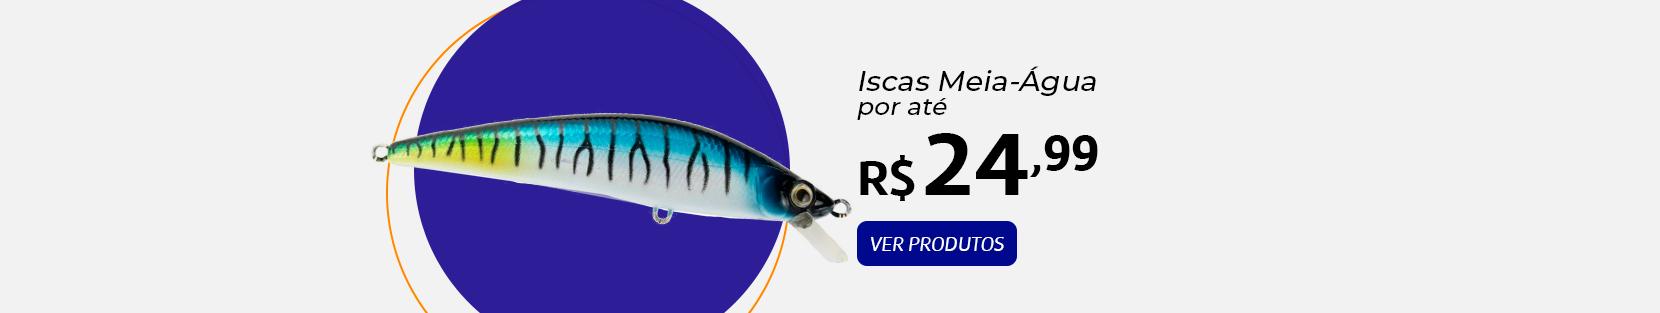 [Catg. Iscas]  Meia_Àgua até 24,99